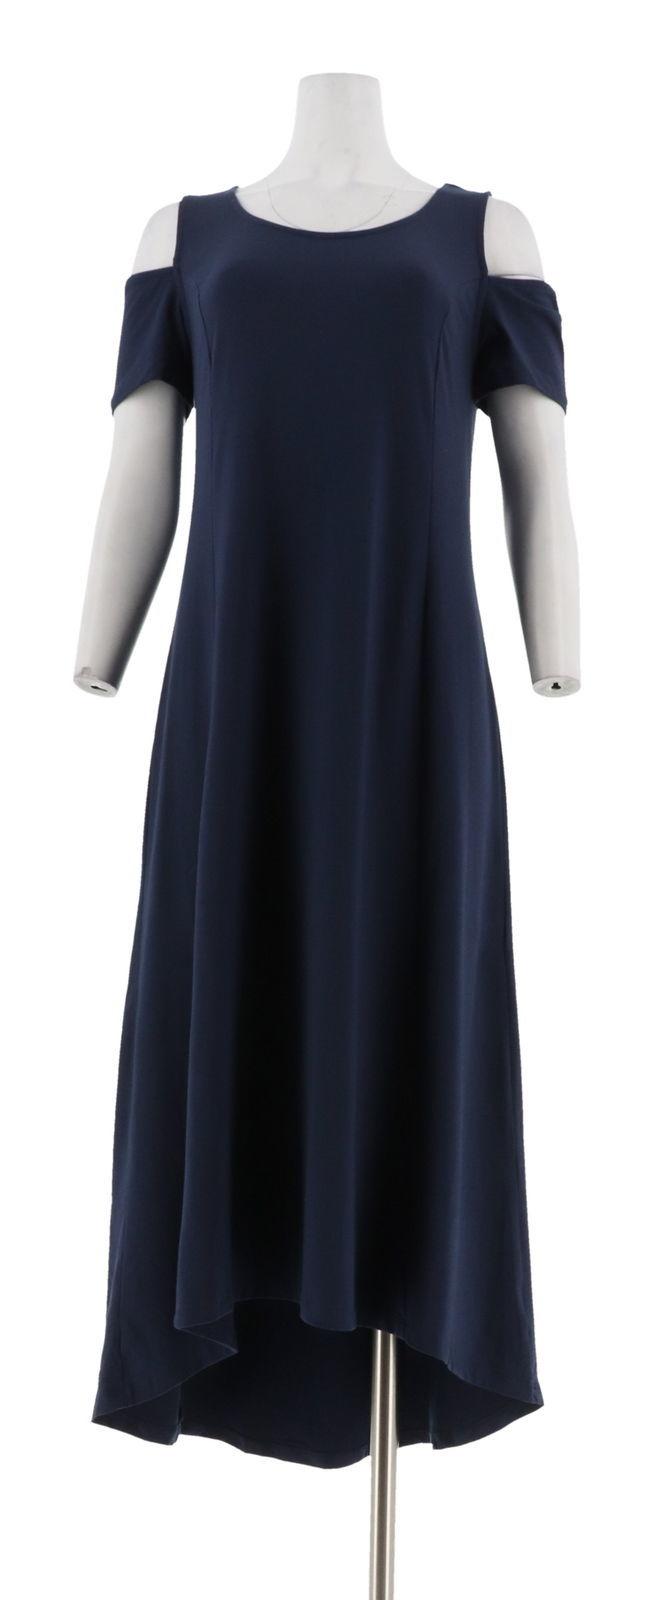 Isaac Mizrahi Cold Shoulder Hi-Low Hem Maxi Dress Dark Navy L NEW A306458